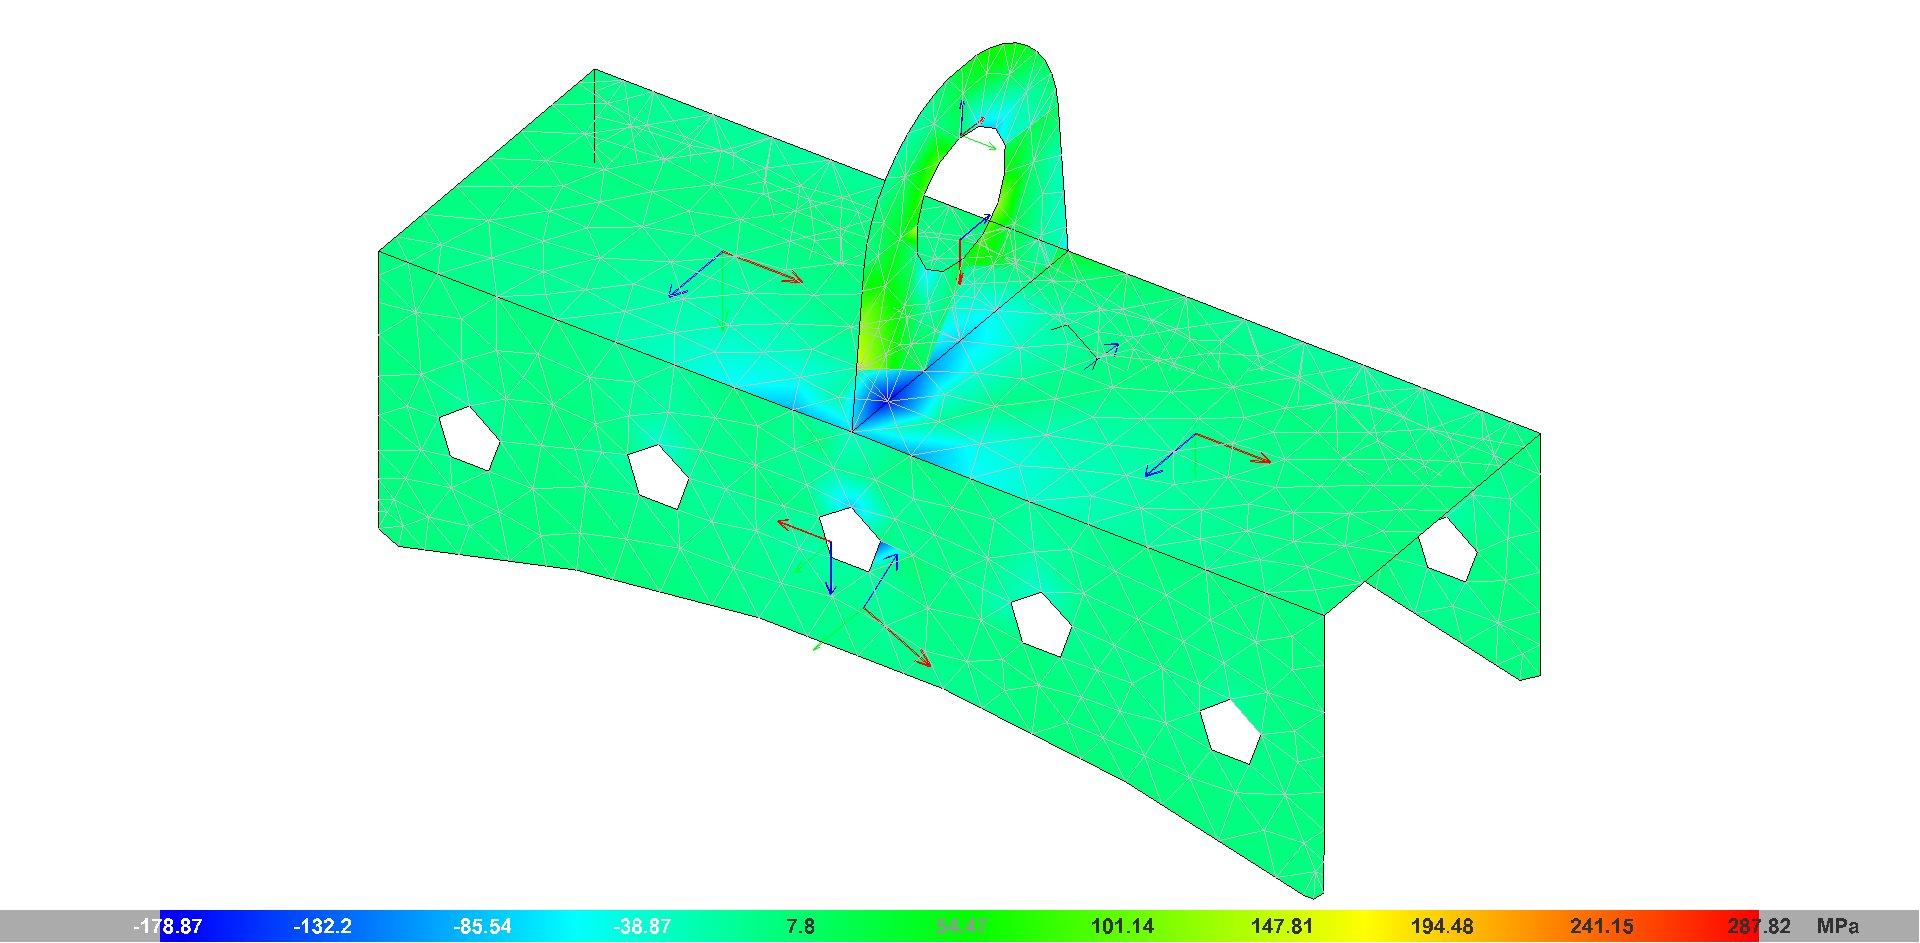 Orejetas agarre 02 - Proyectos ACCE Ingeniería